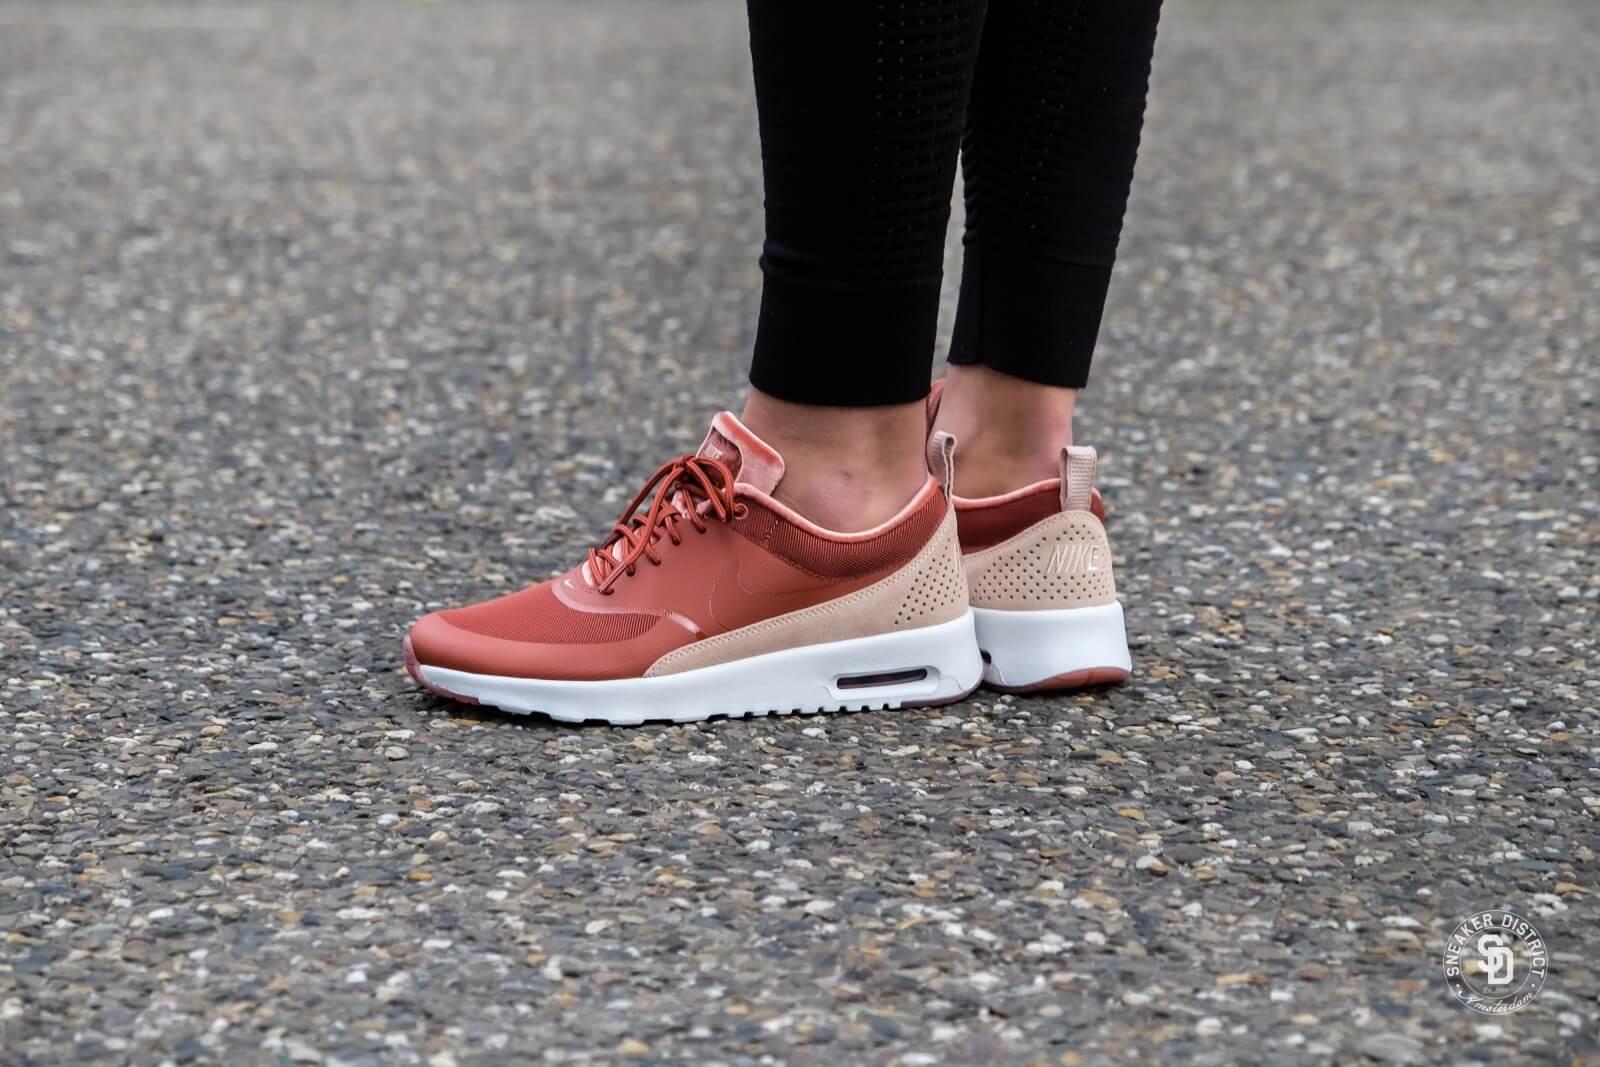 zapatillas de skate cómo hacer pedidos renombre mundial Nike Women's Air Max Thea LX Dusty Peach/Bio Beige - 881203-201